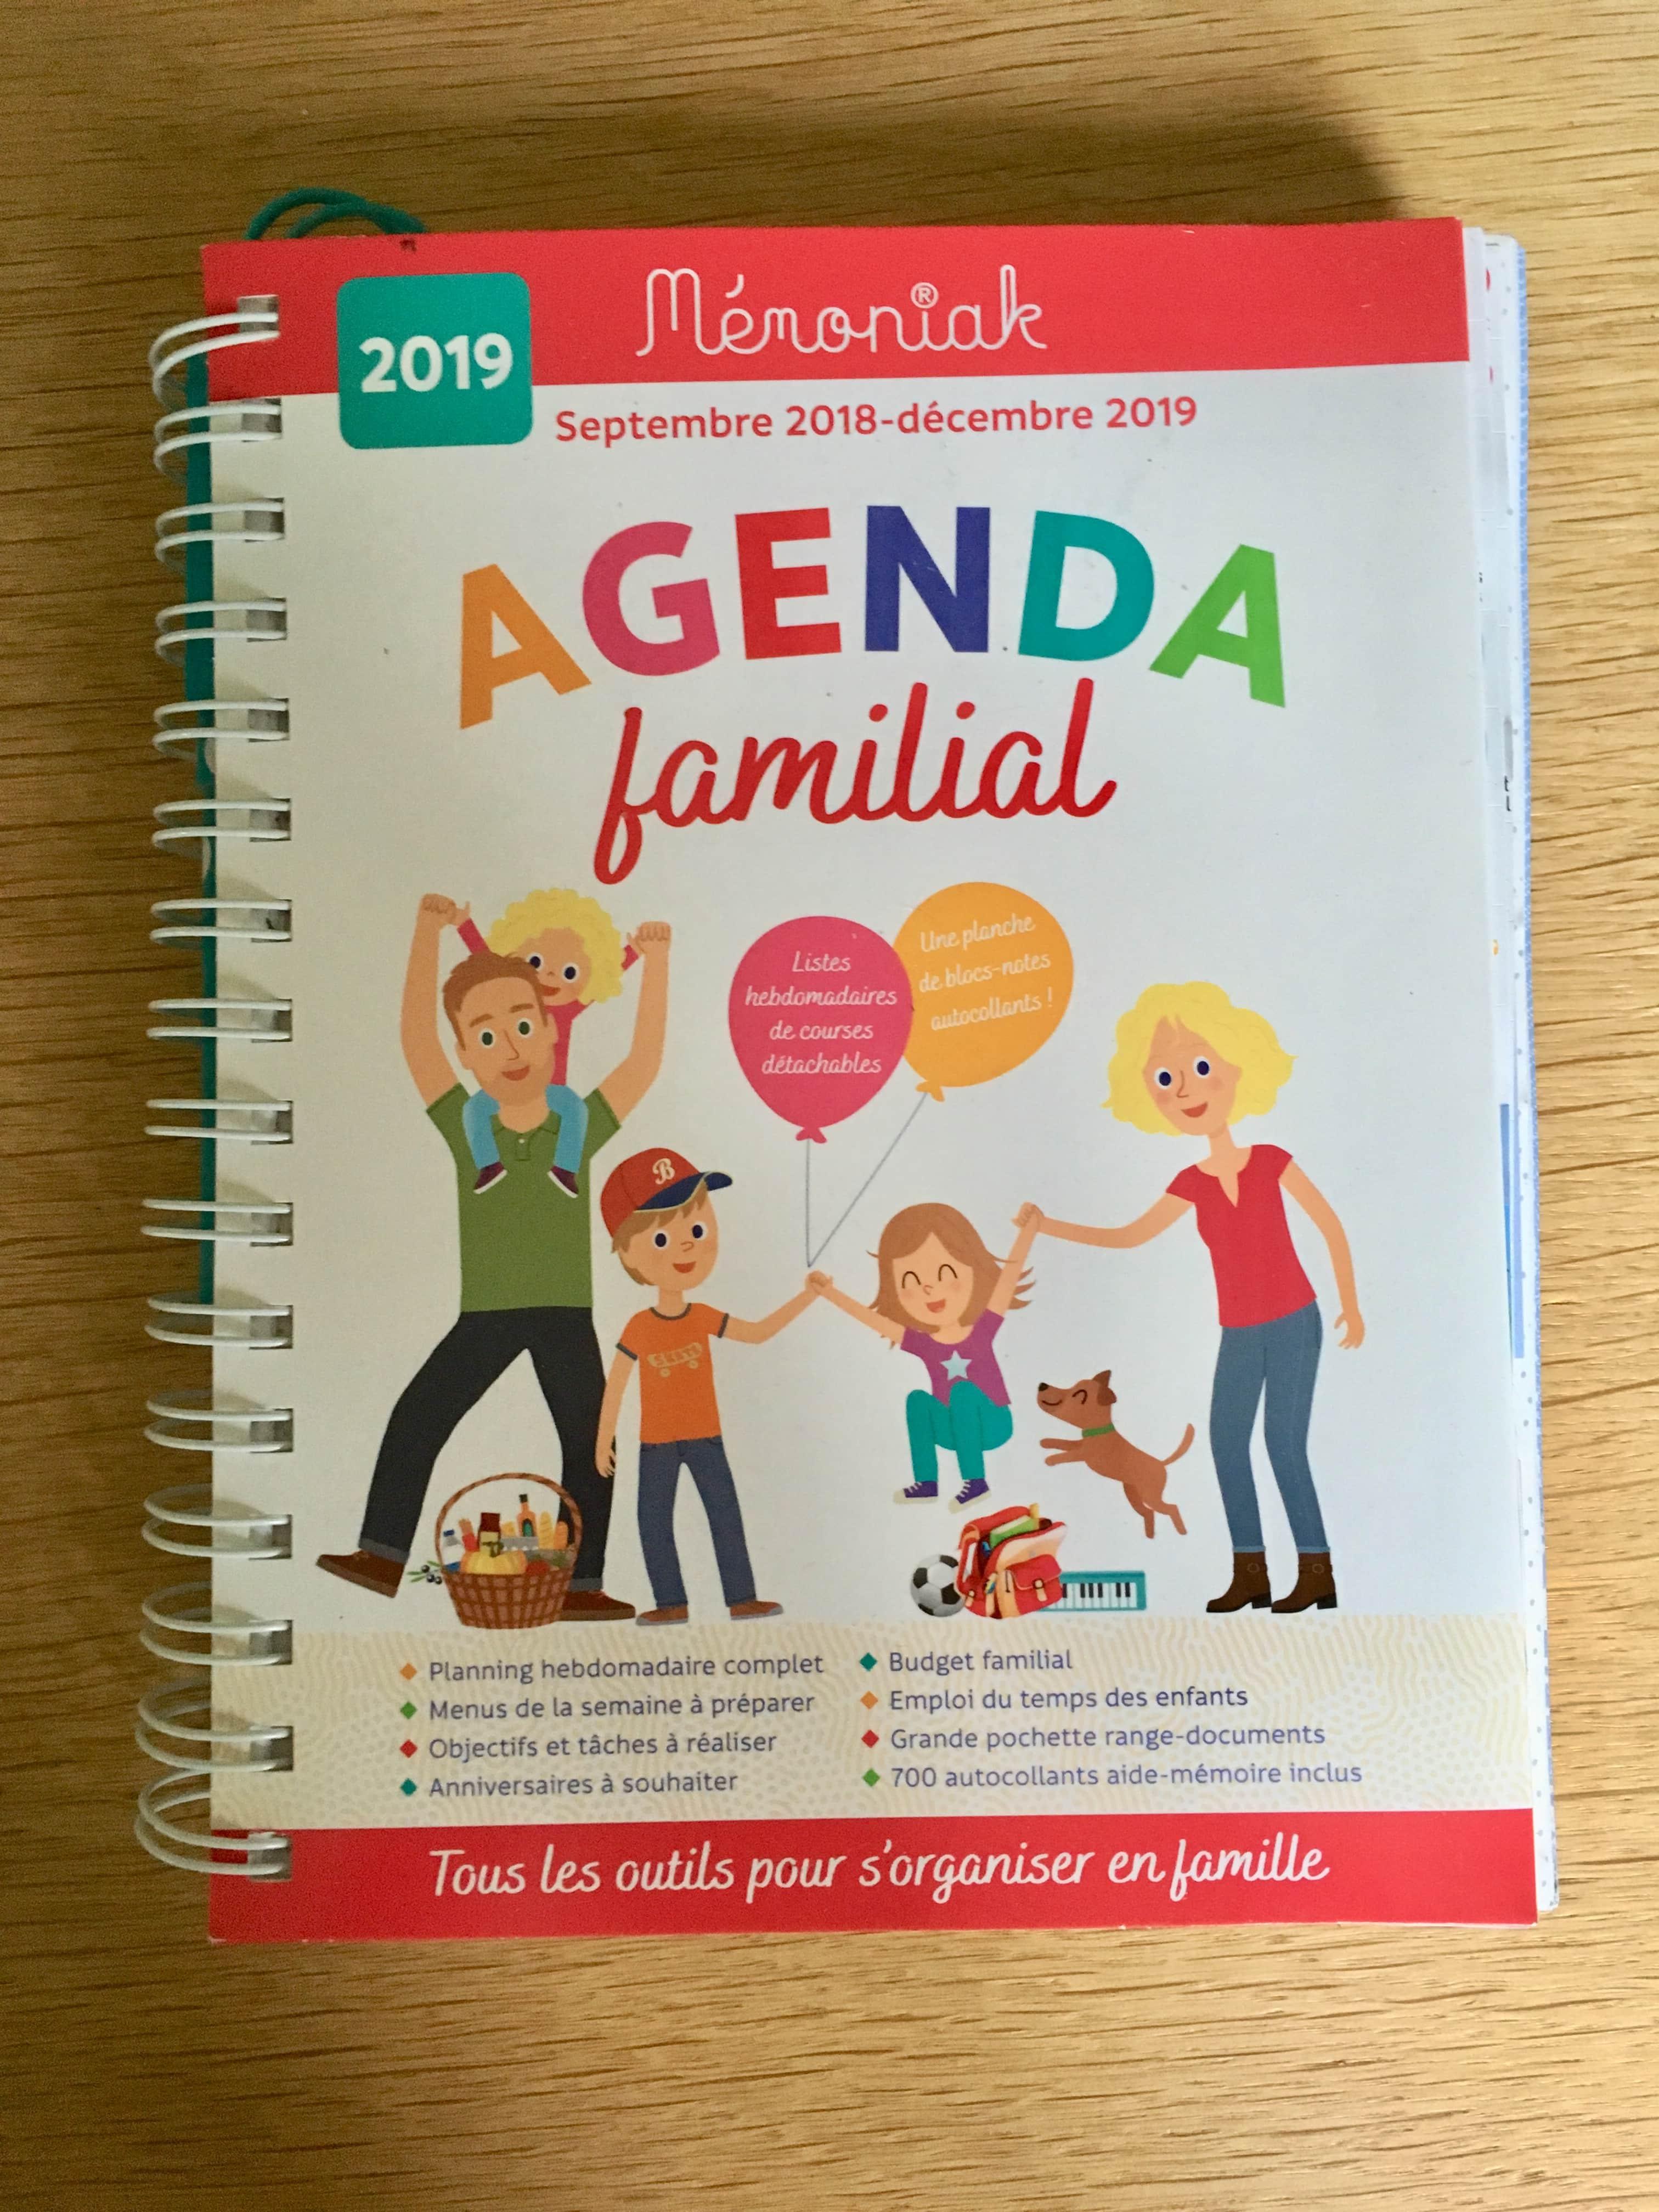 agenda familial Mémoniak